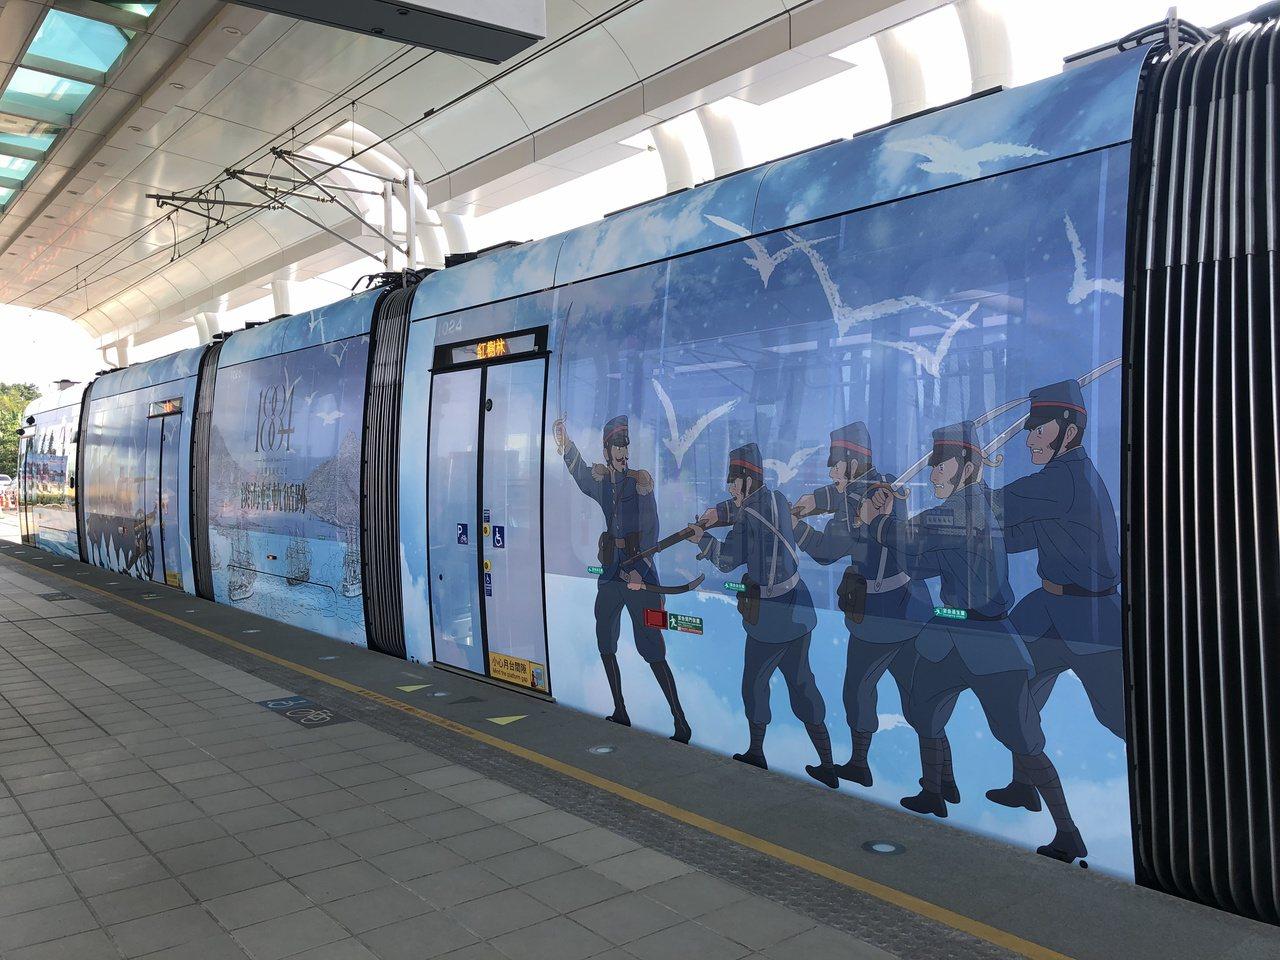 今年適逢清法戰爭135周年,新北捷運公司將在連假首日推出「清法戰爭主題彩繪列車」...